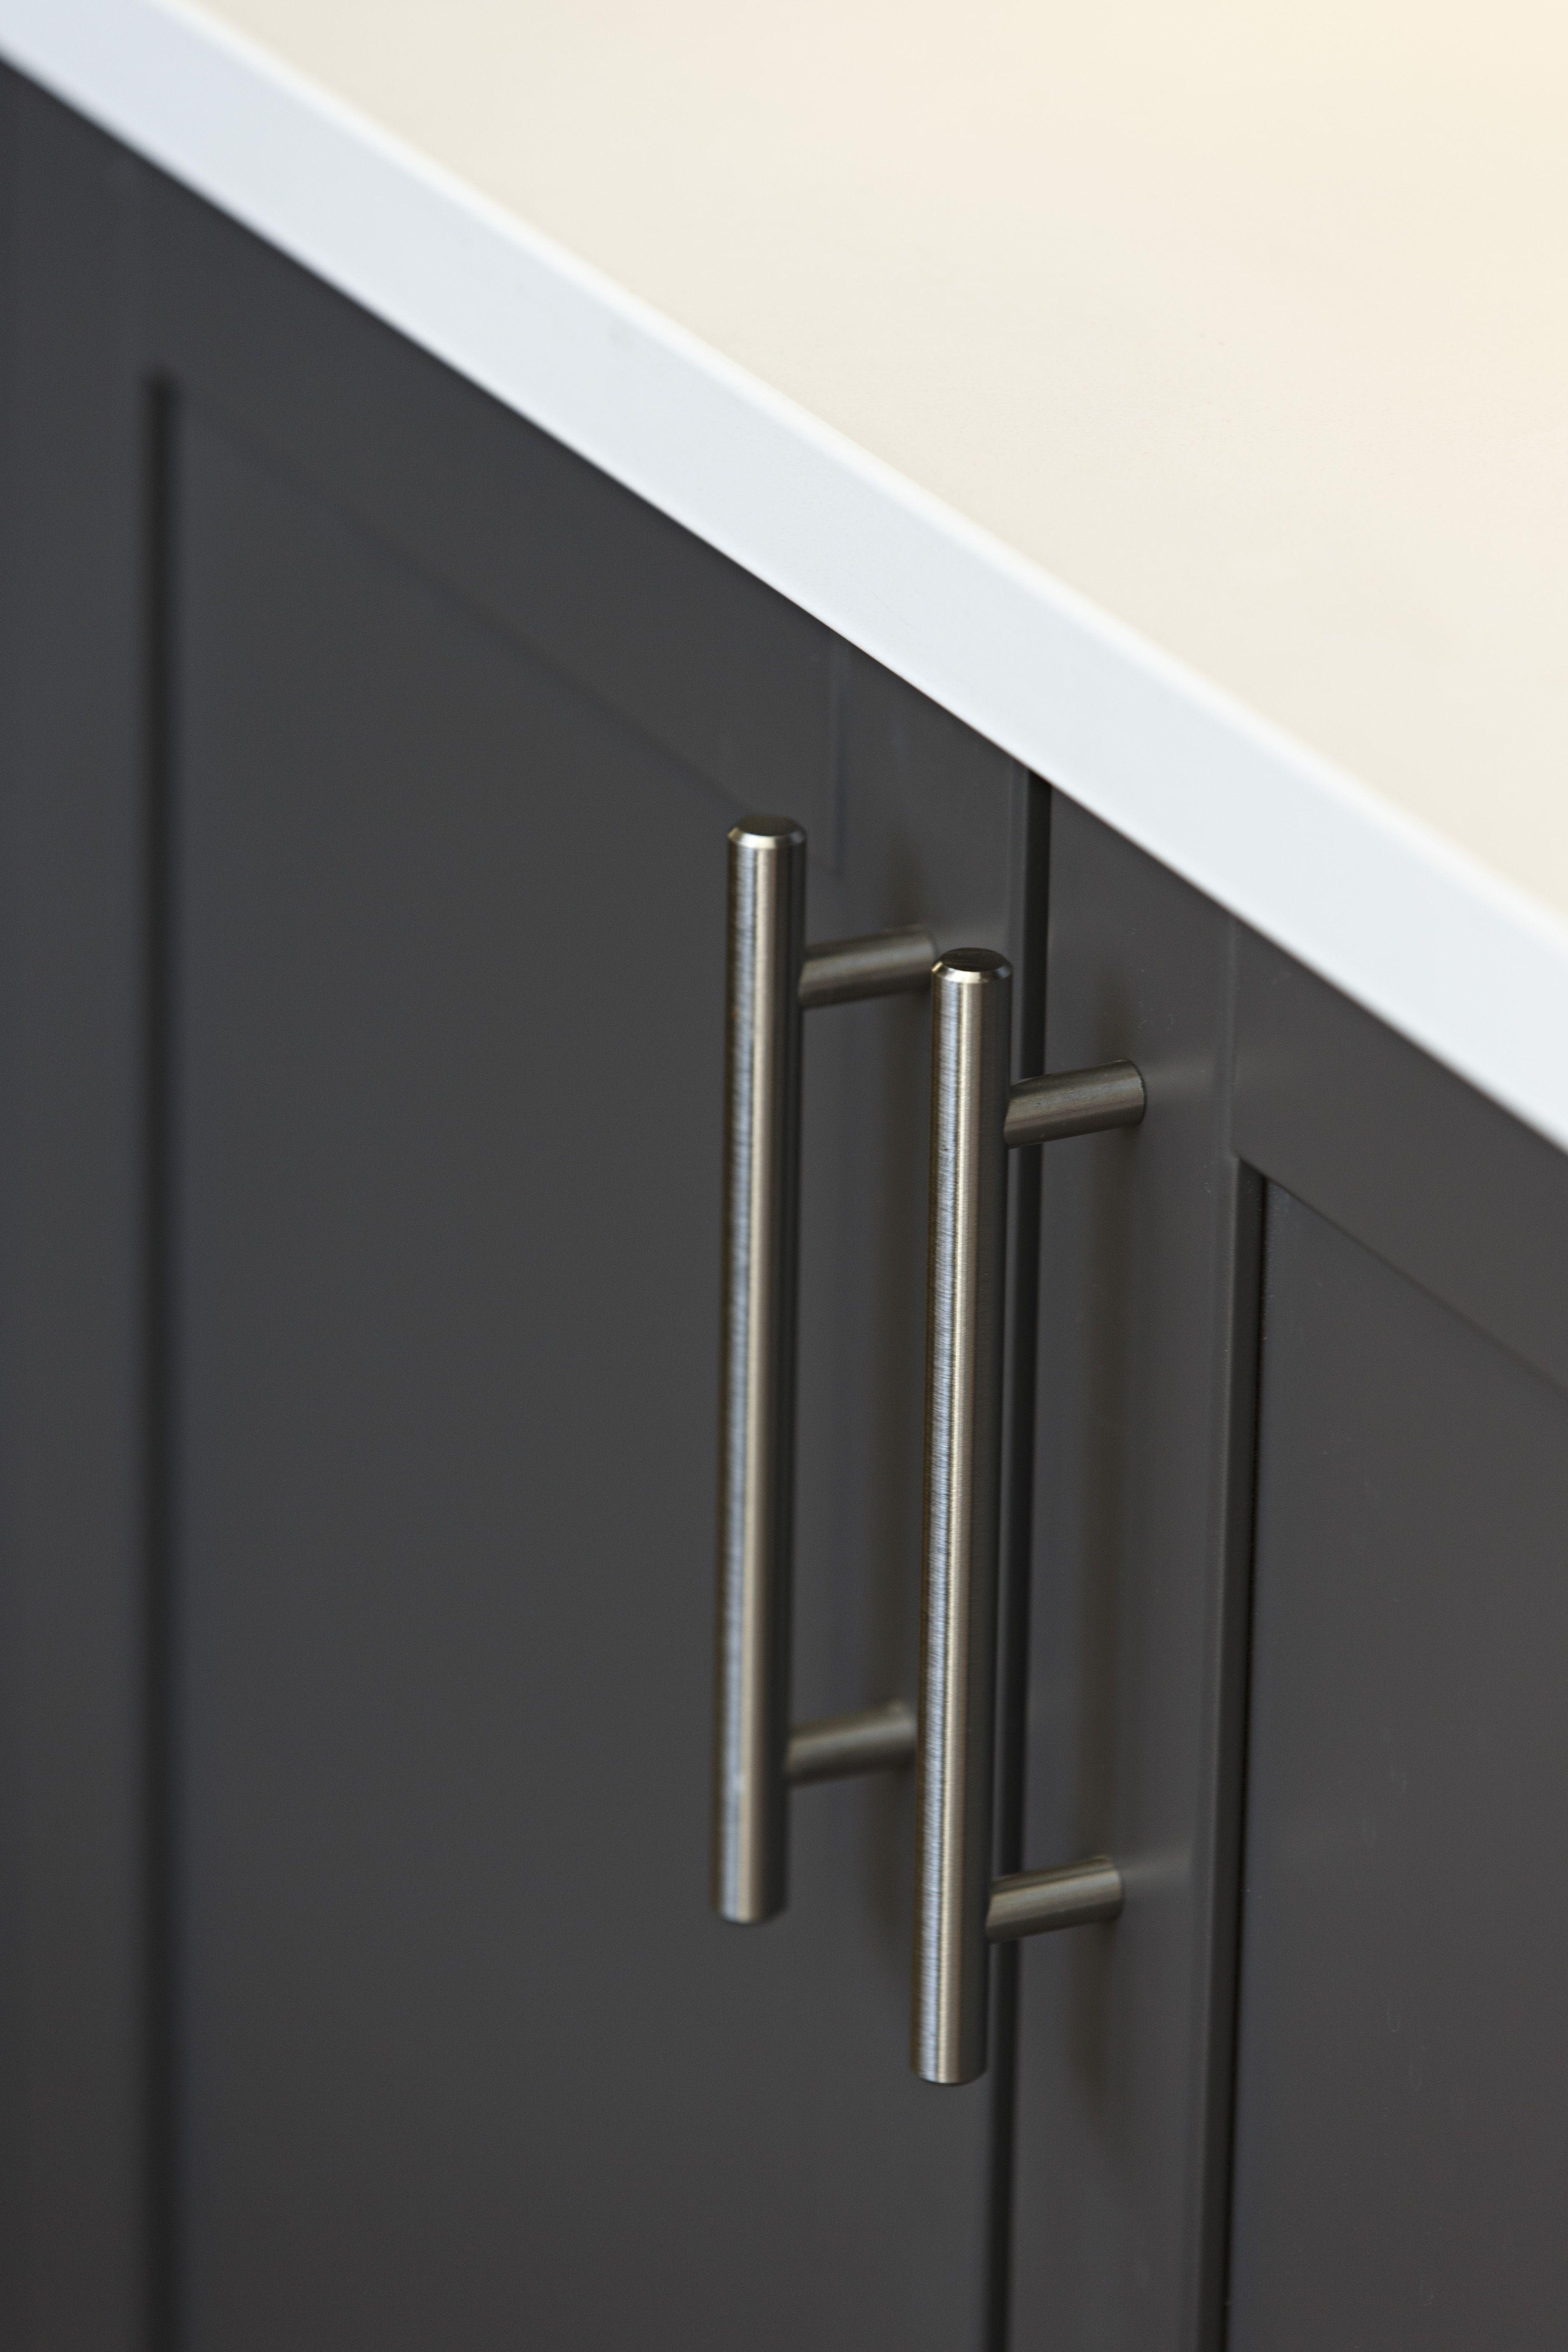 Brushed nickle hardware cabinet finishes | Claridge Homes Design ...